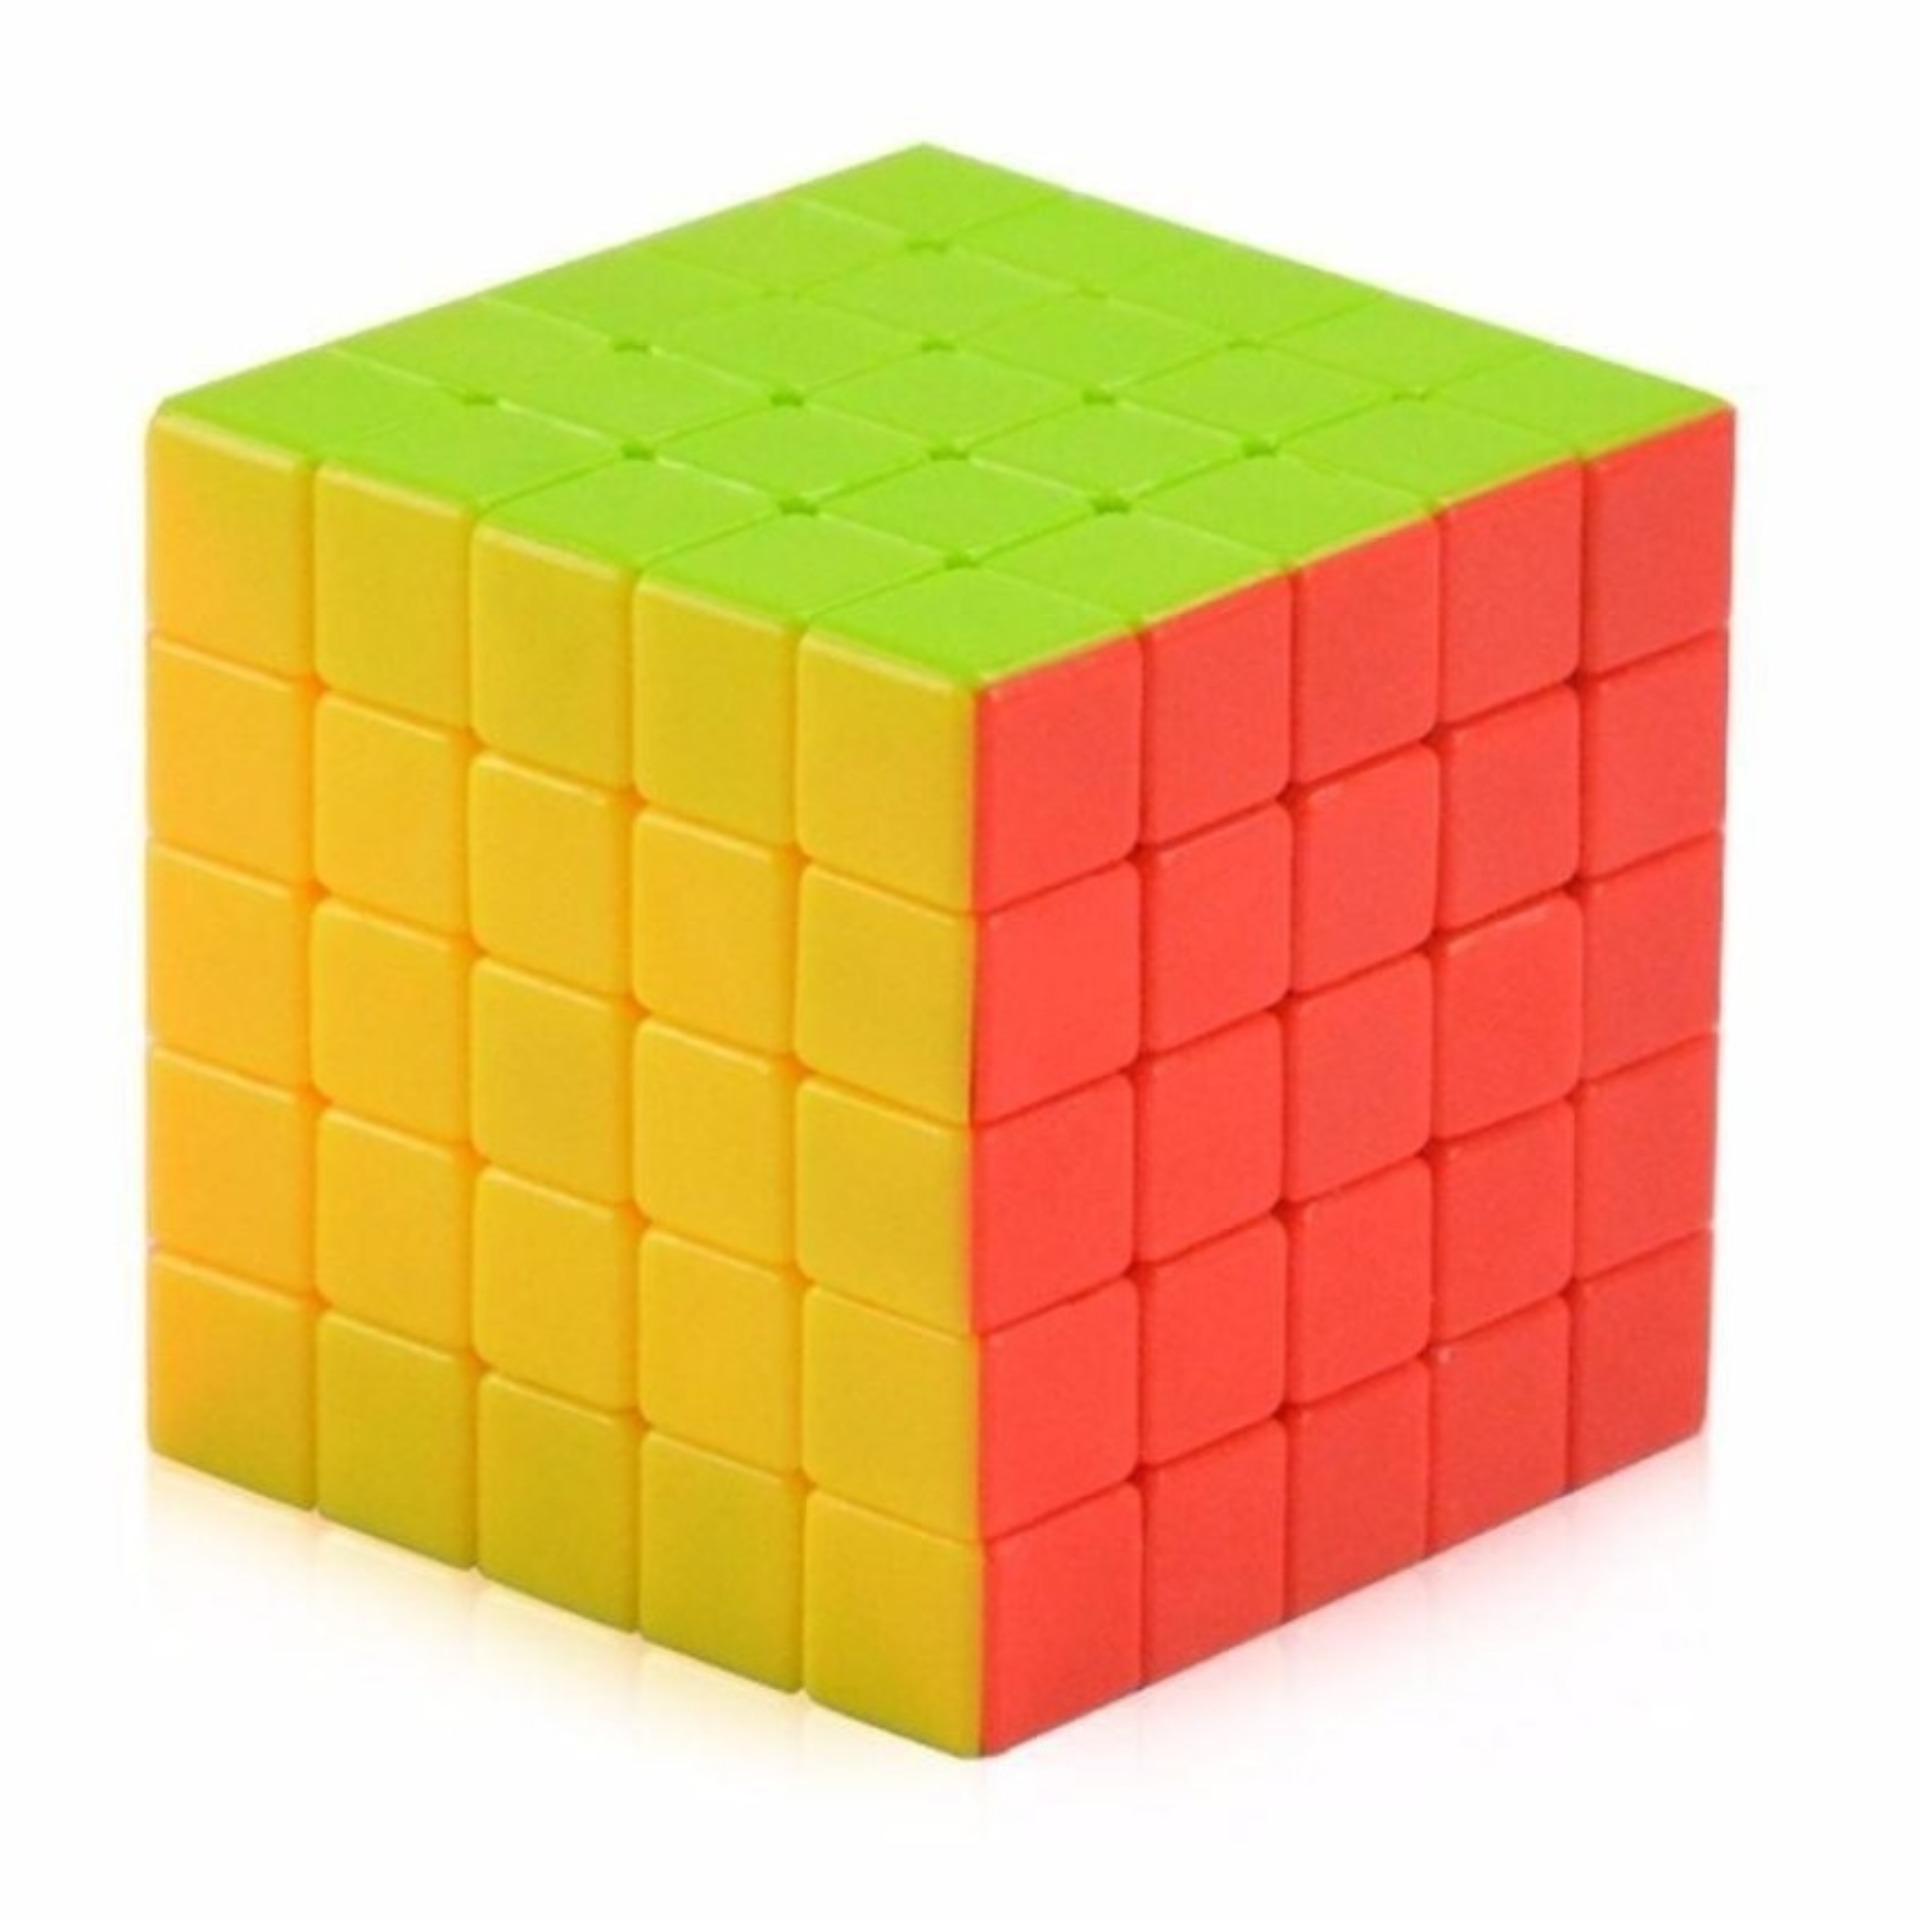 Hình ảnh Rubik 5x5 trơn không viền cao cấp